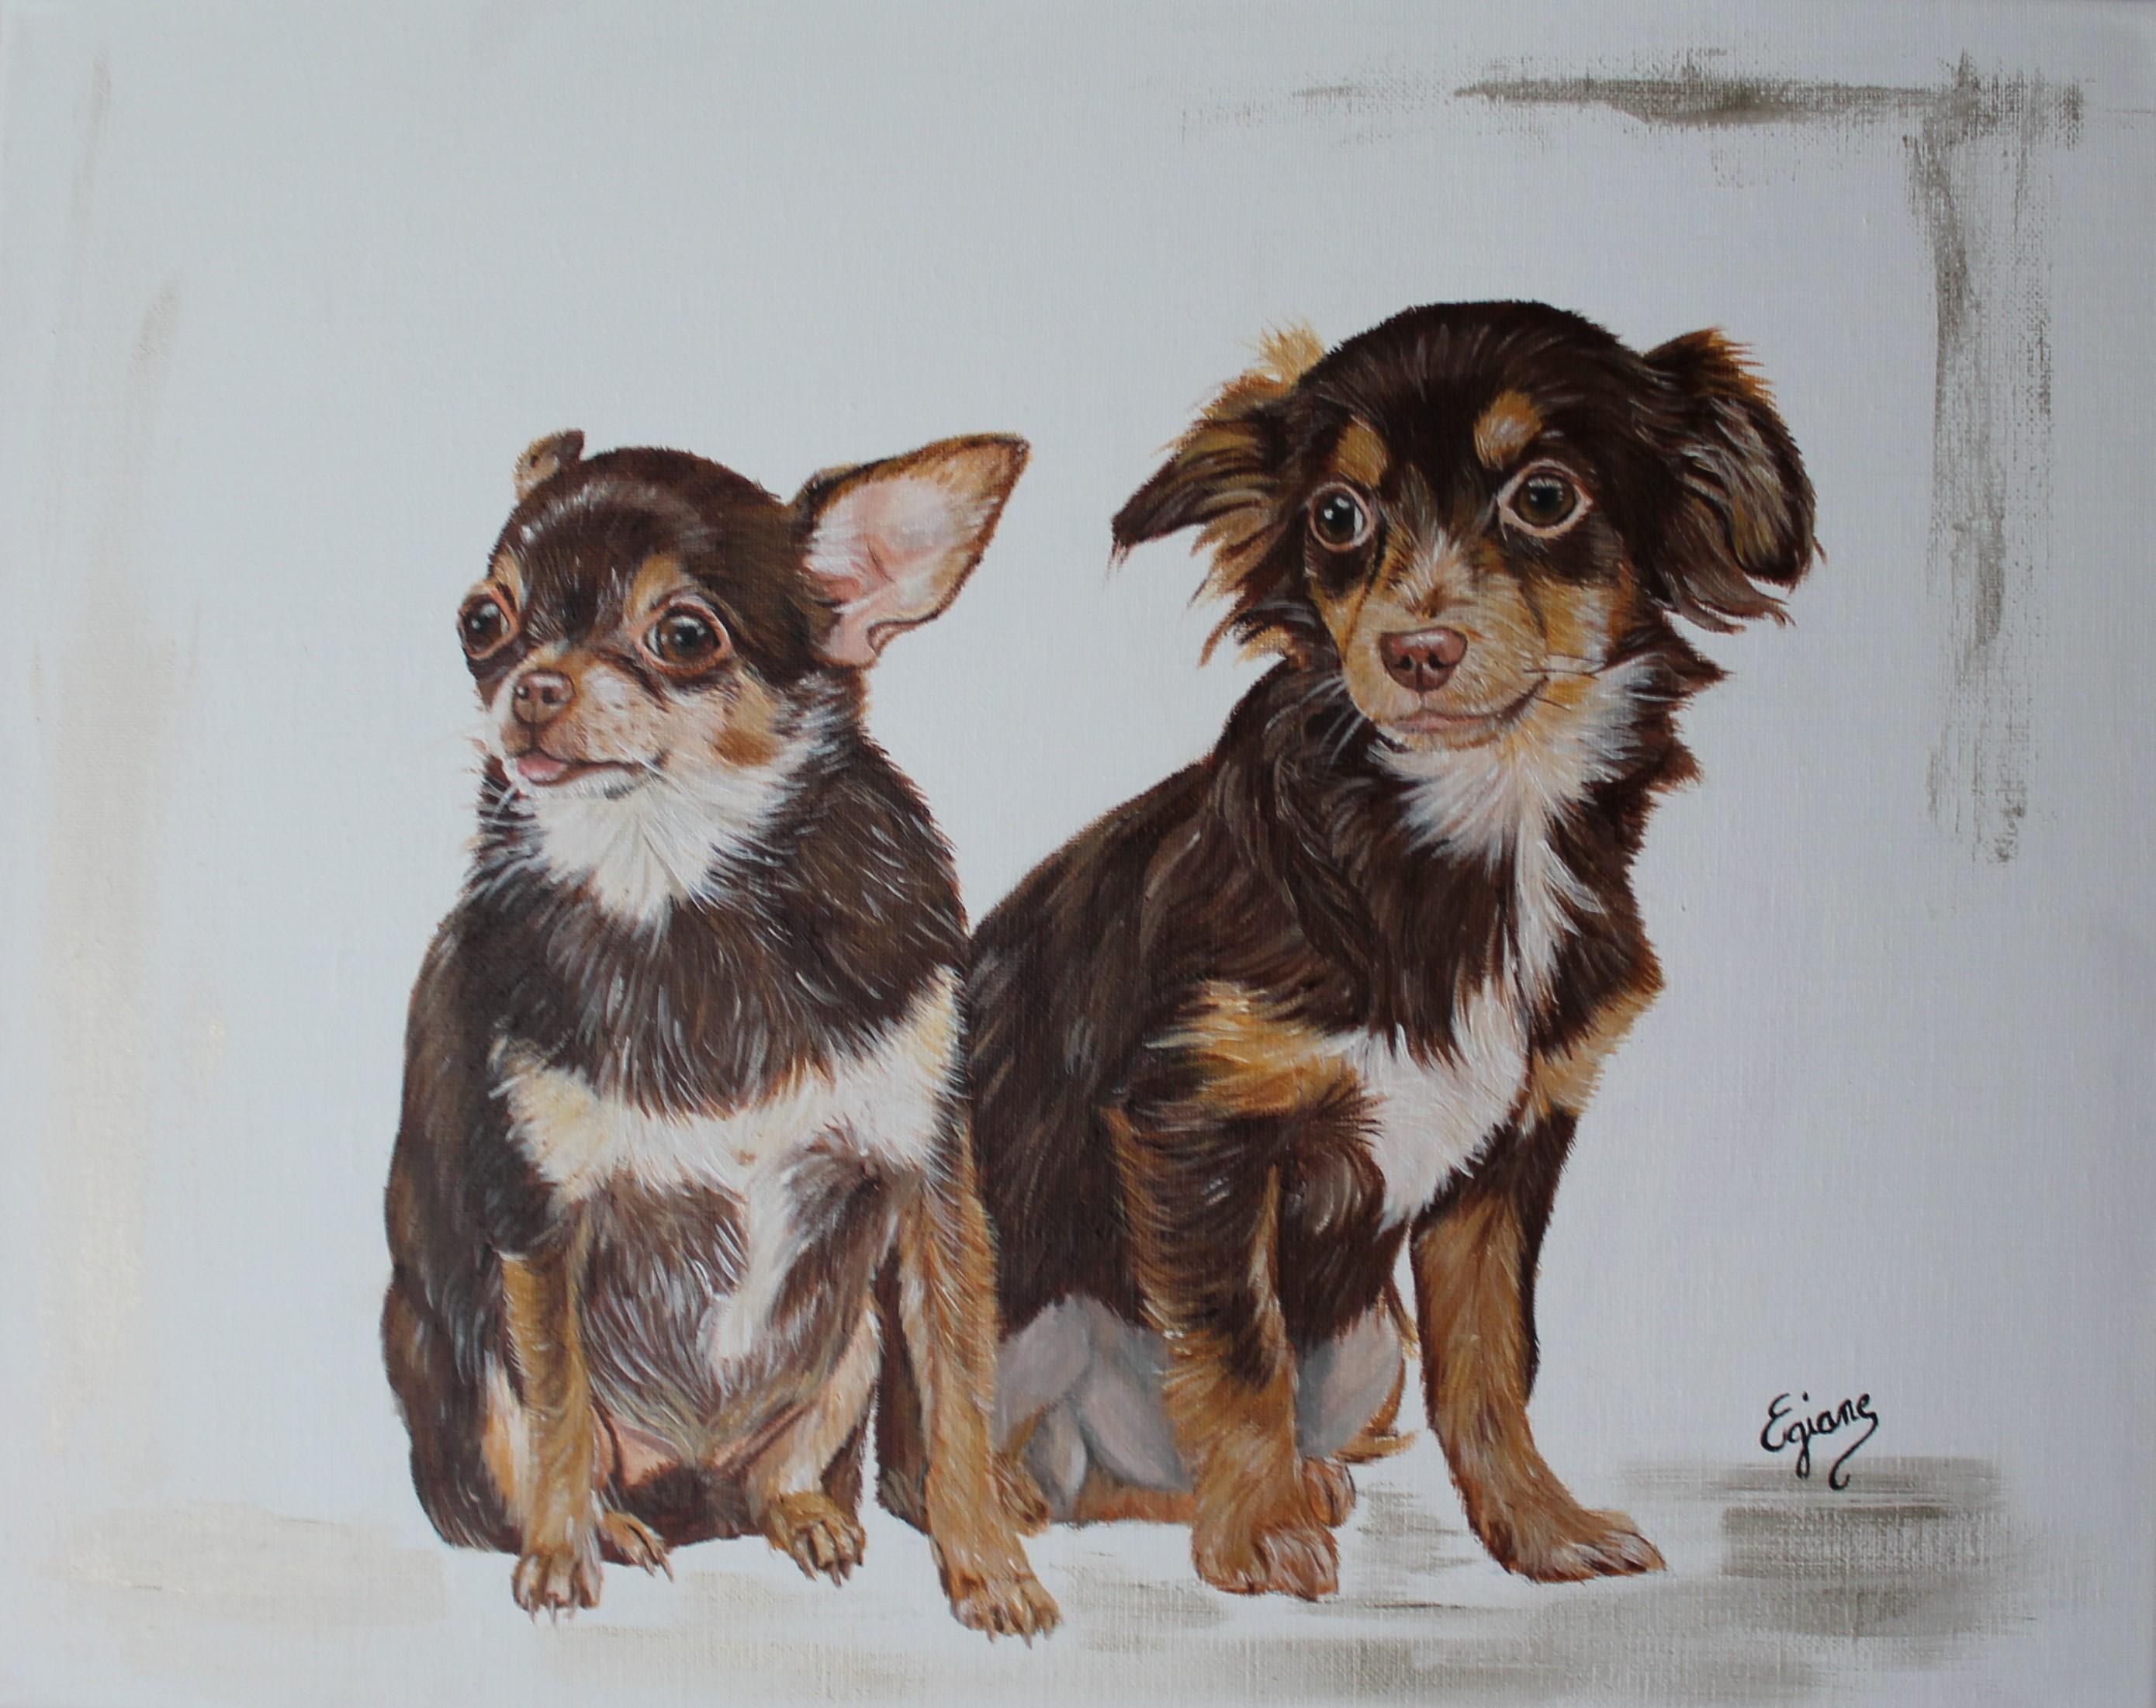 Chihuahuas, peinture acrylique sur toile